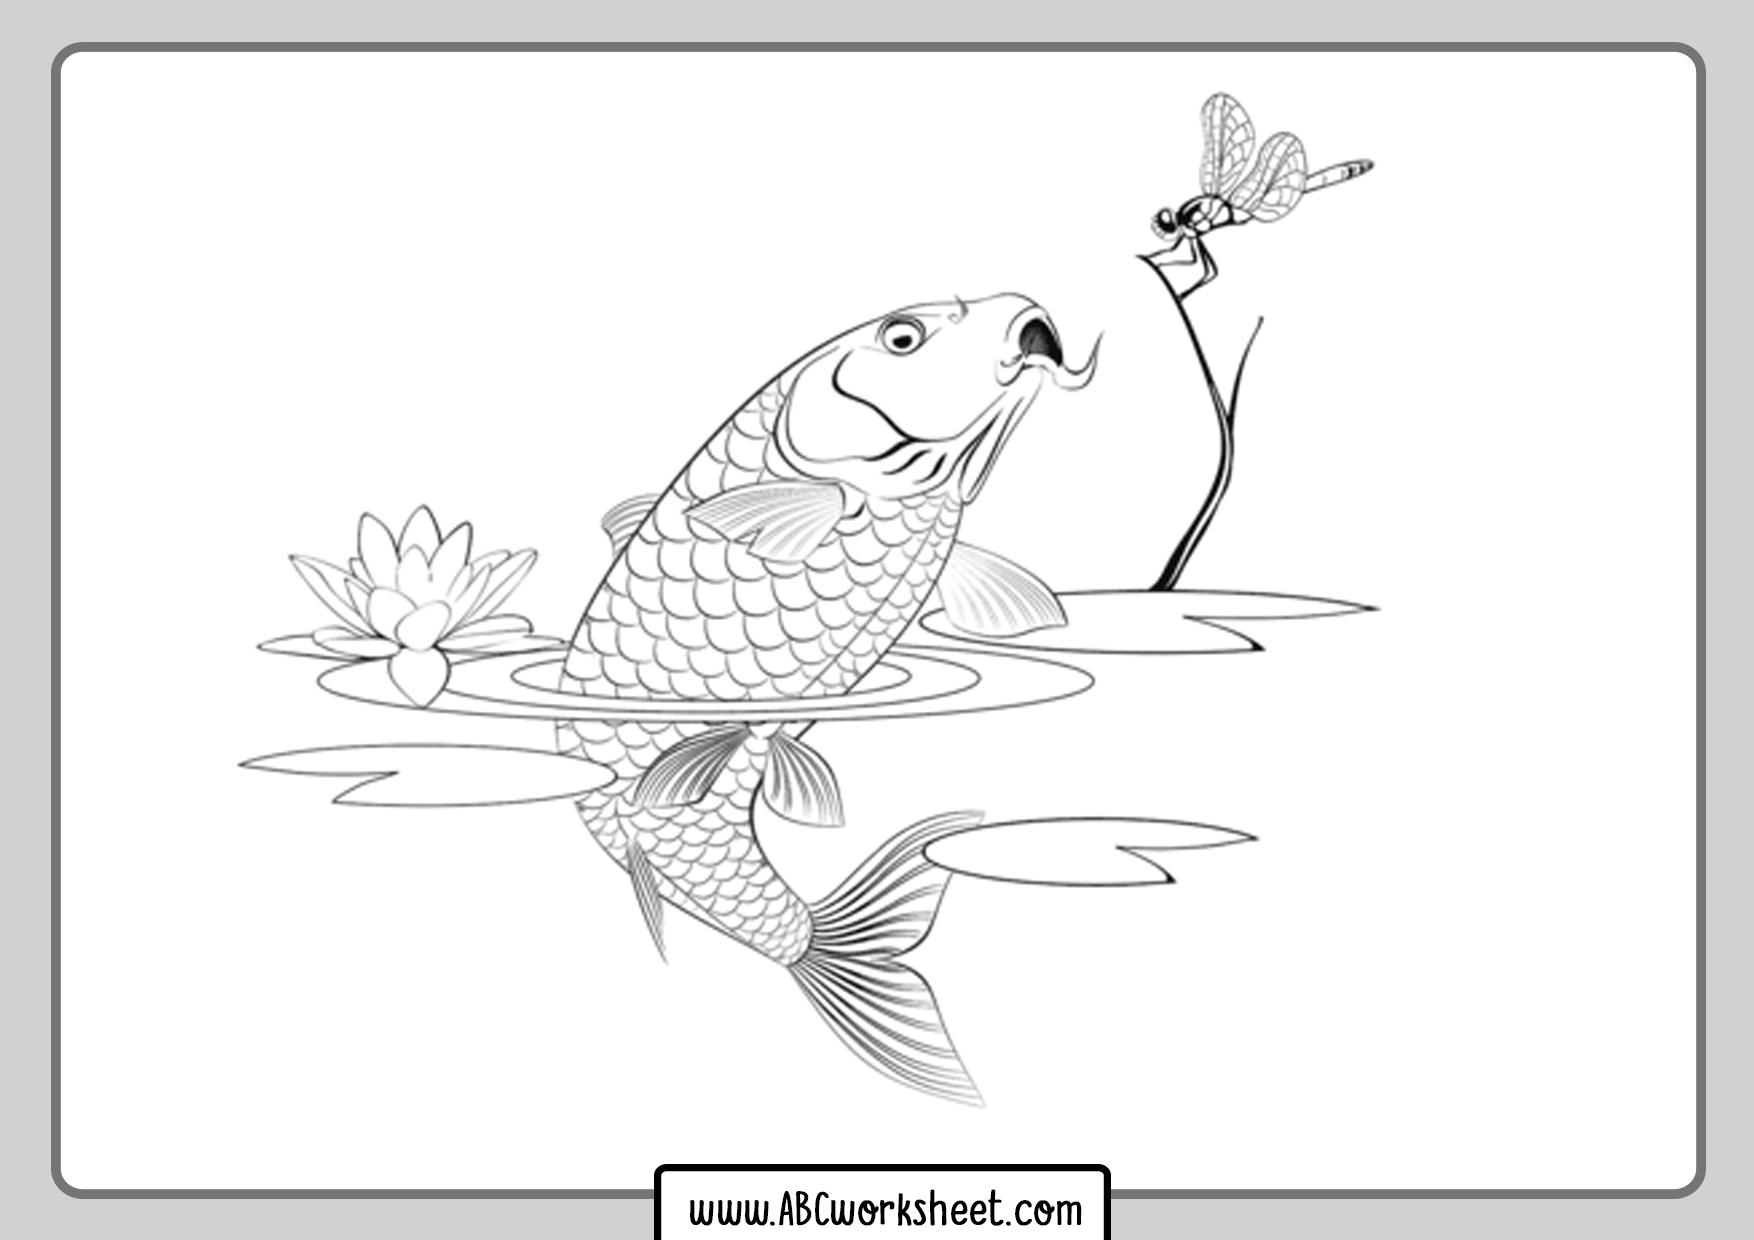 Carp Fish Coloring Page